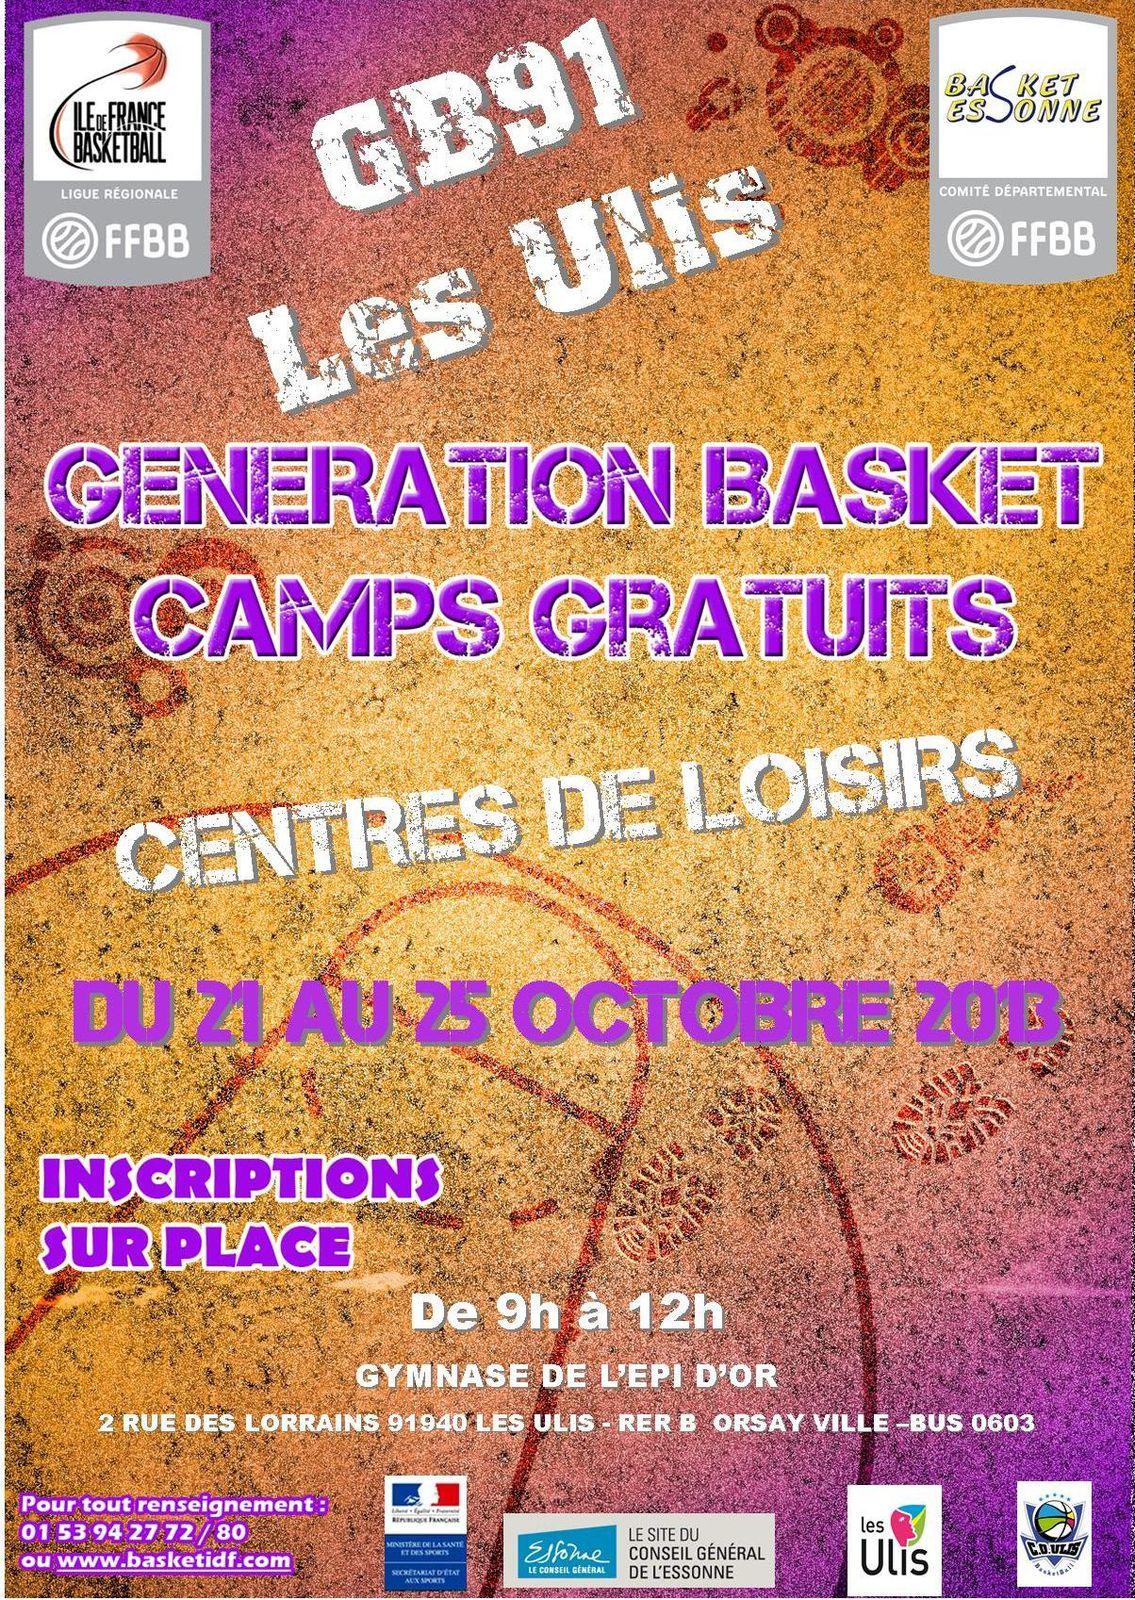 GENERATIONS BASKET Camps des vacances de la Toussaint